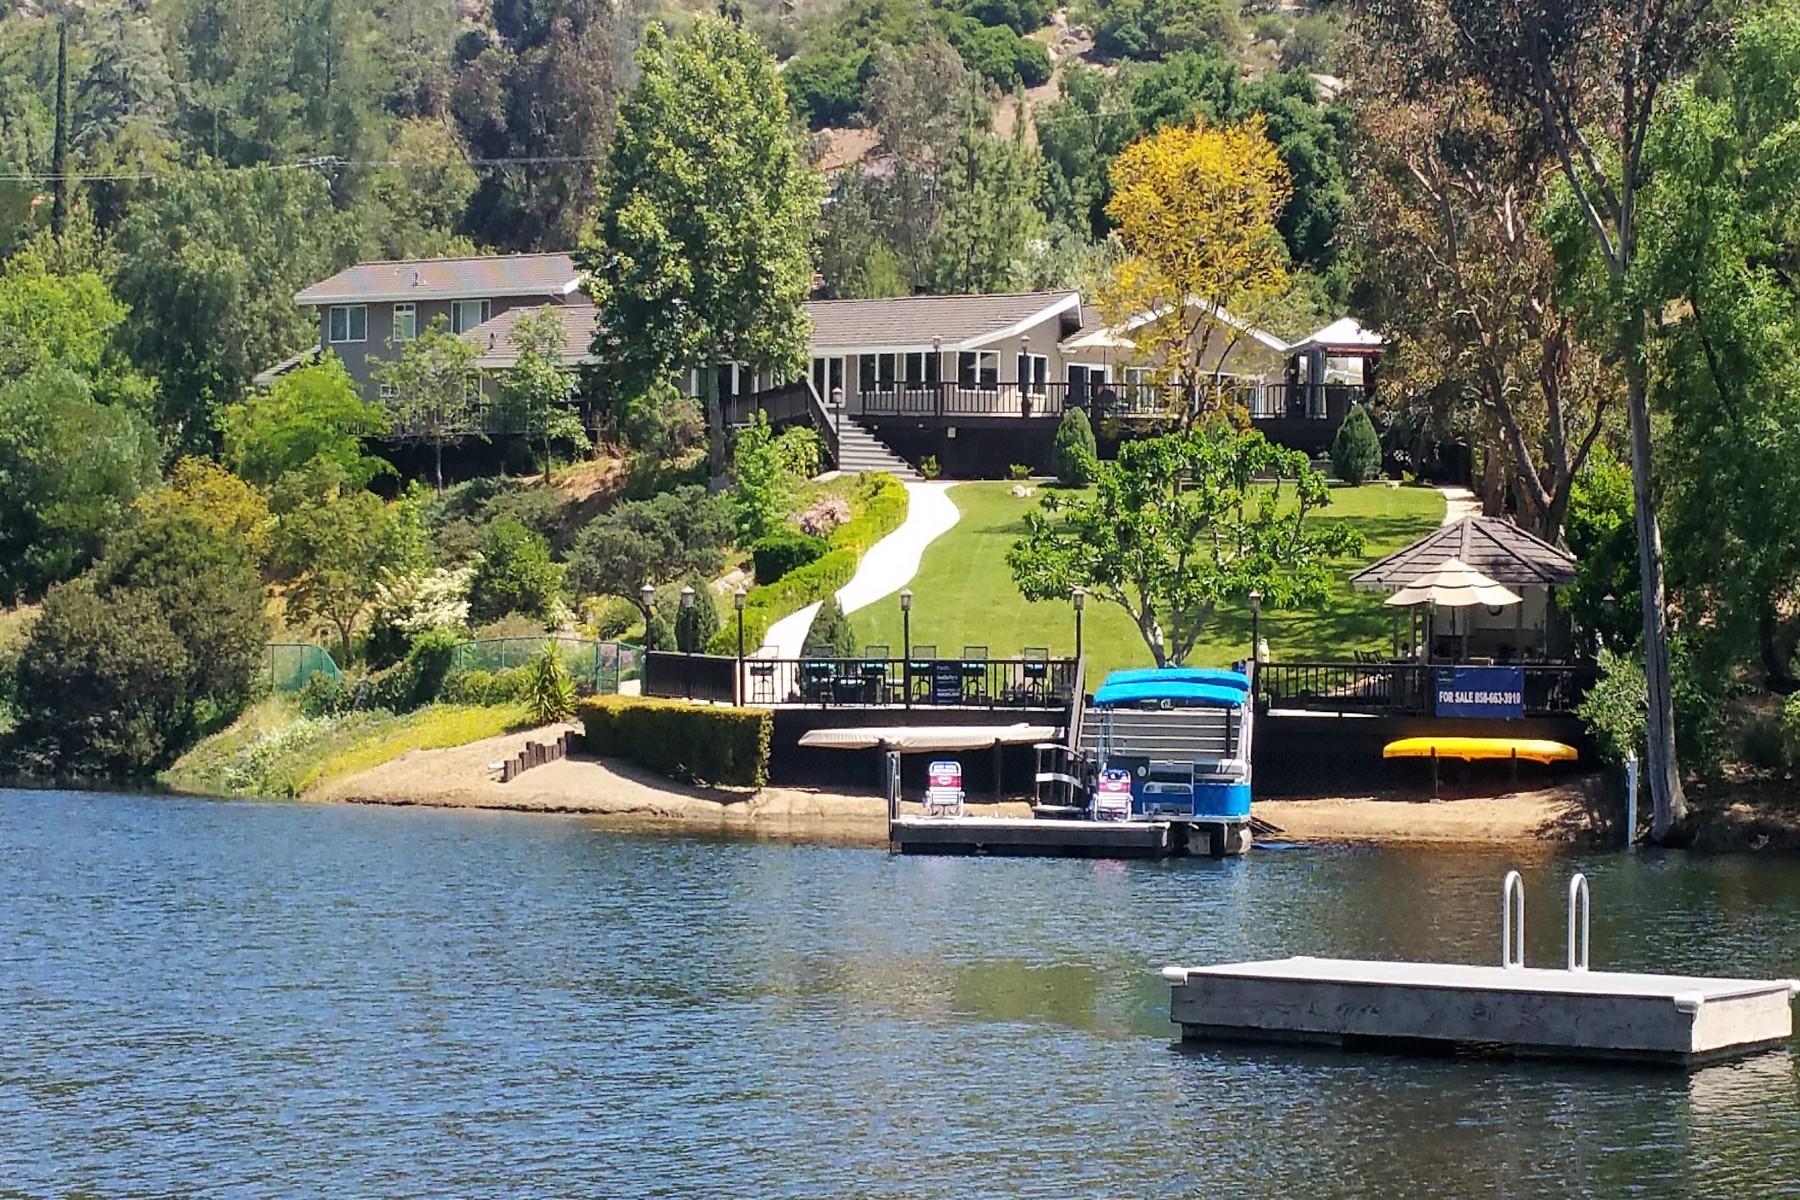 独户住宅 为 销售 在 3771 Via Palo Verde Lago 阿尔卑斯, 92101 美国